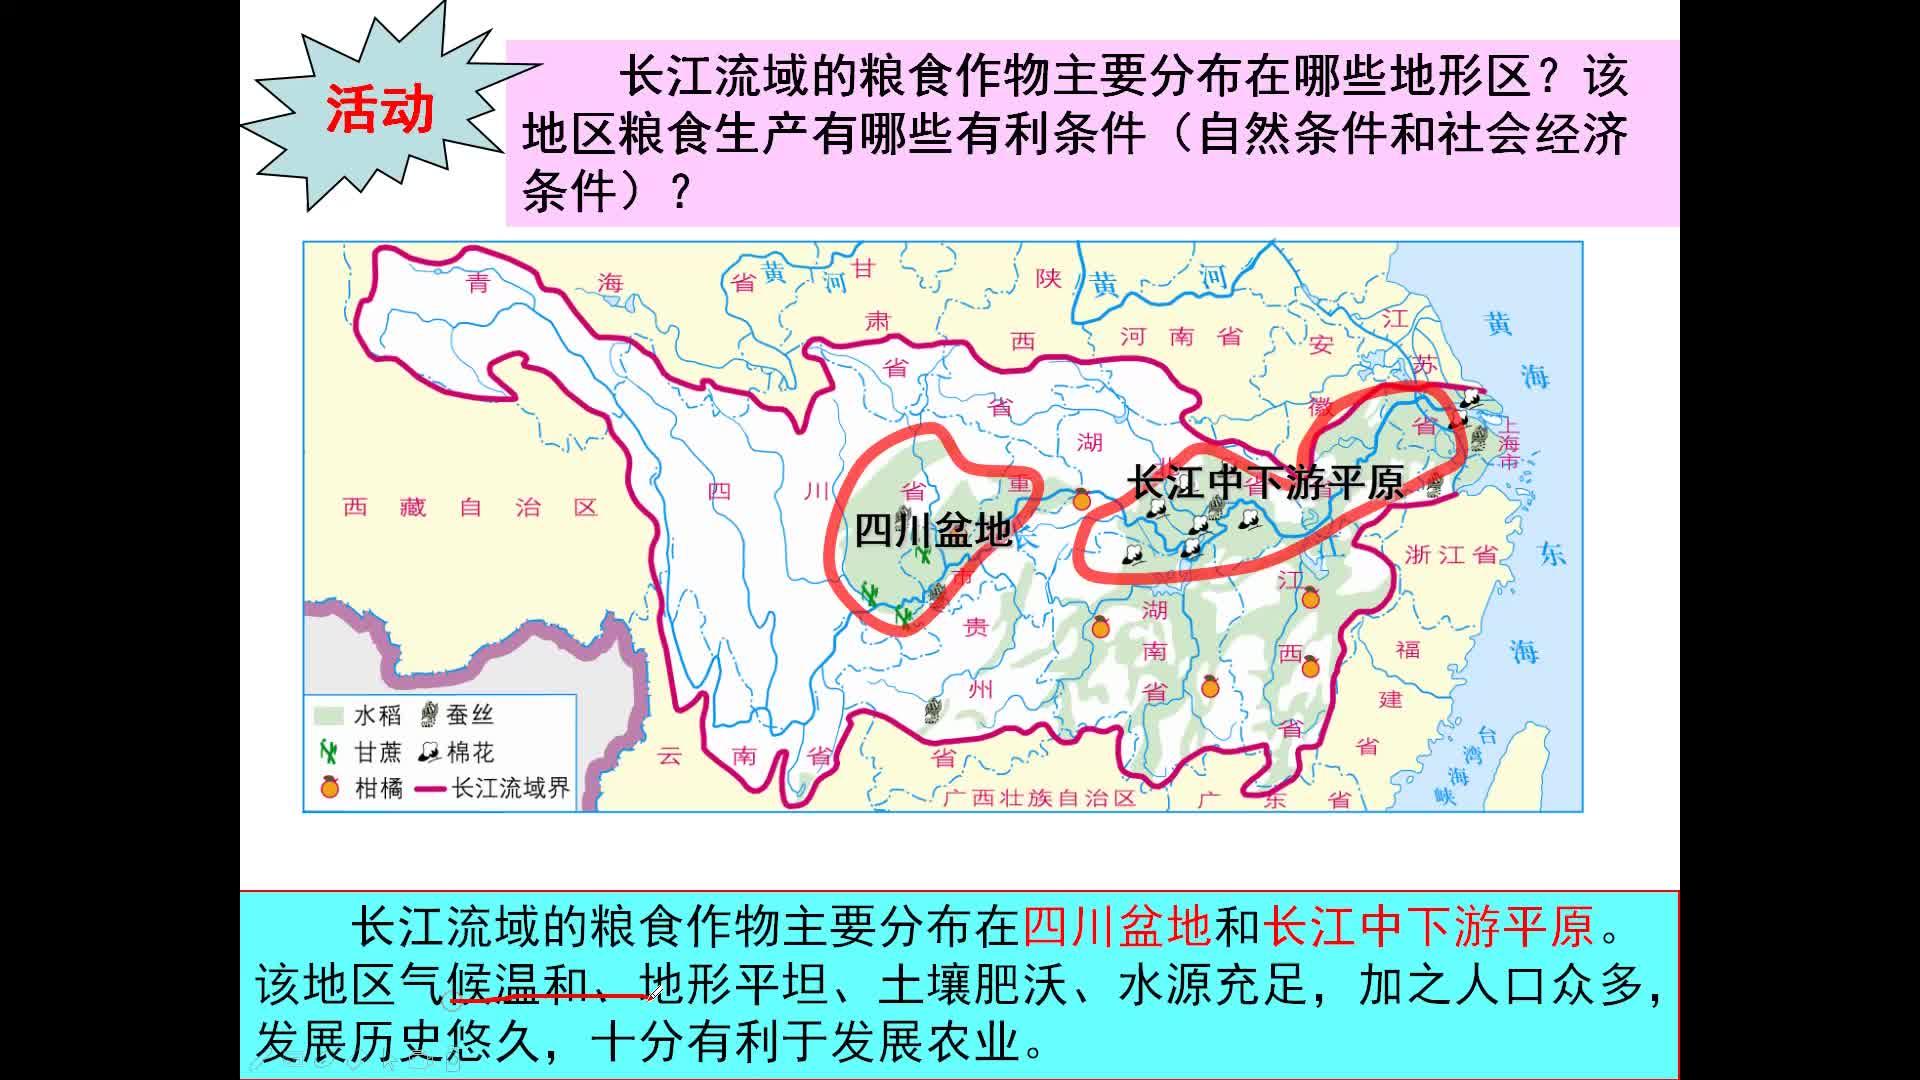 中考復習(xi)26省際區域二(長江(jiang)流域、四川盆地和塔里木(mu)盆地)